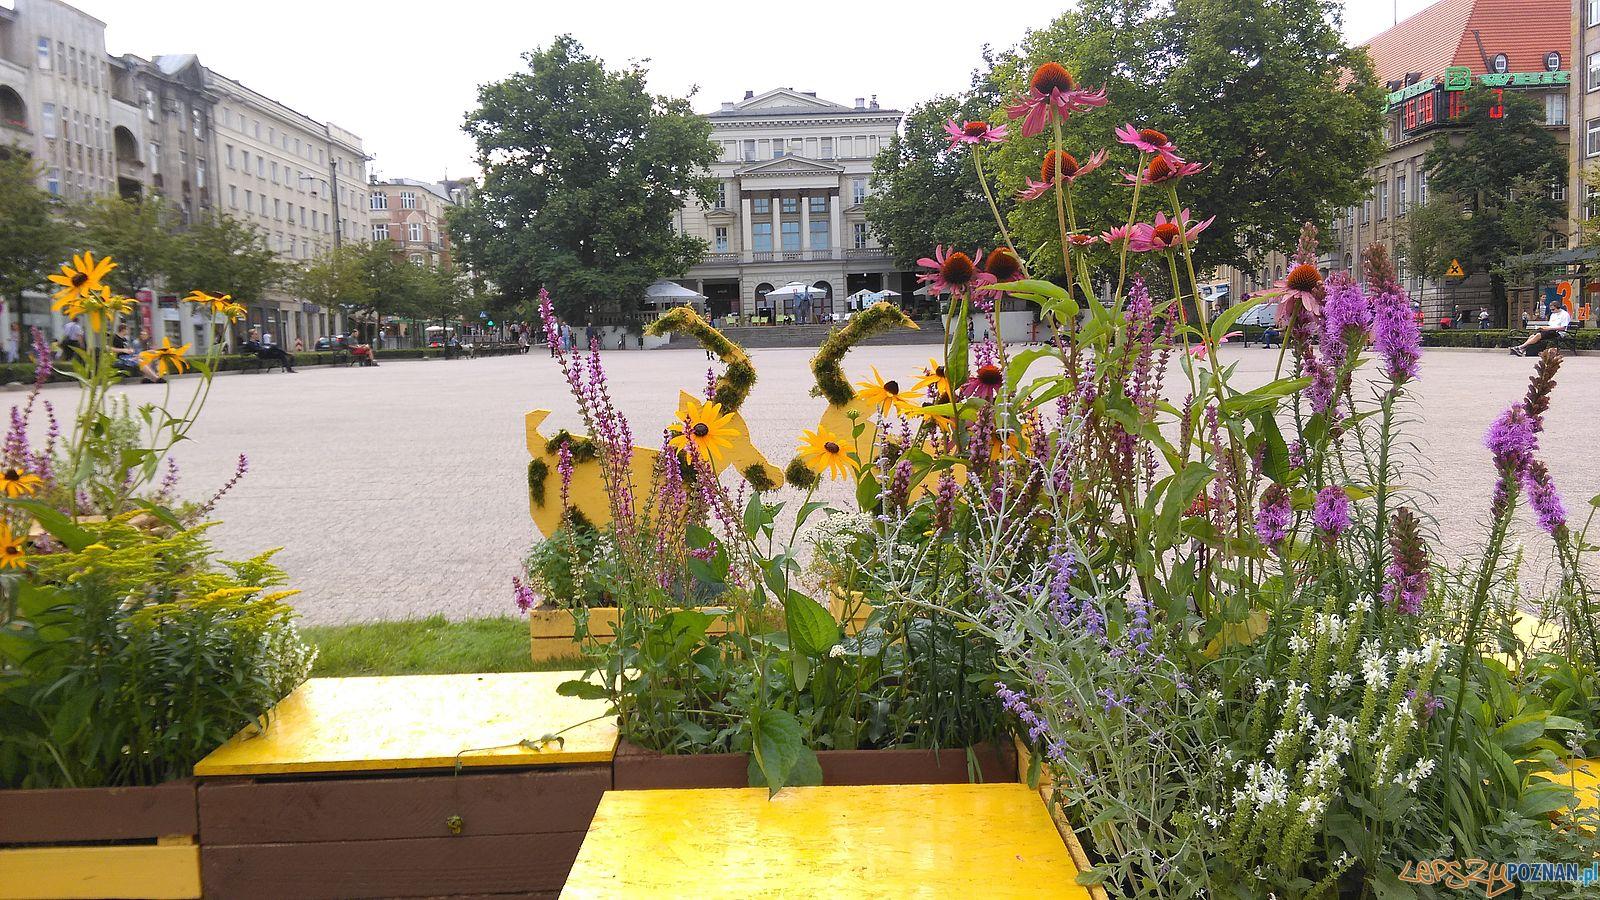 Pomagamy pszczołom - instalacja na Placu Wolności  Foto: